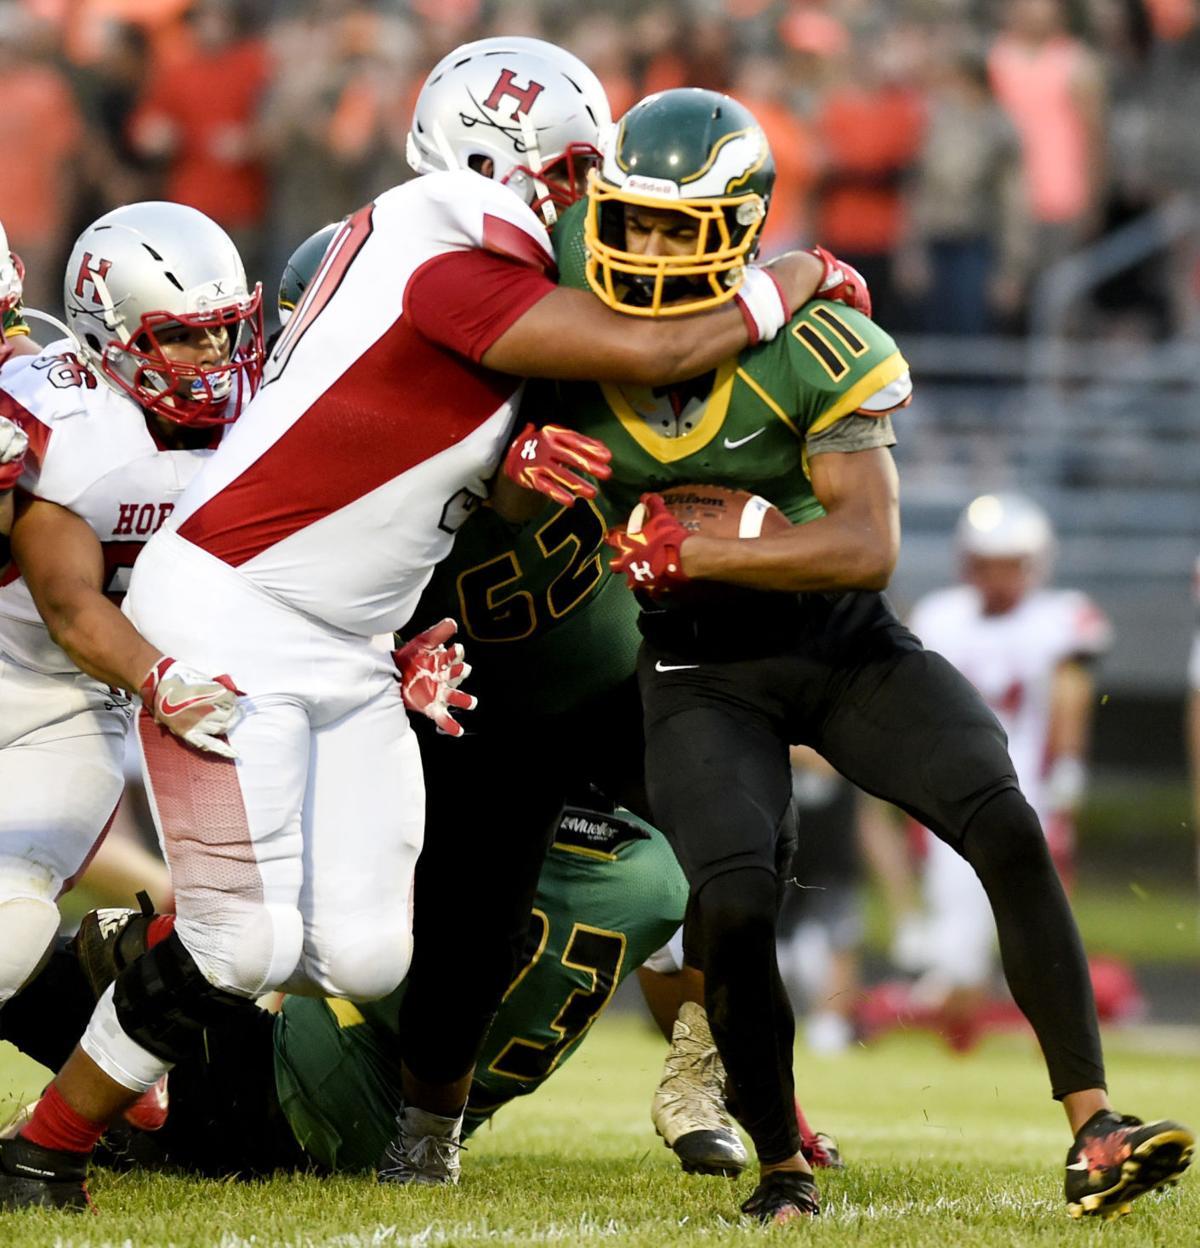 Kentucky High School Sports - Latest Articles